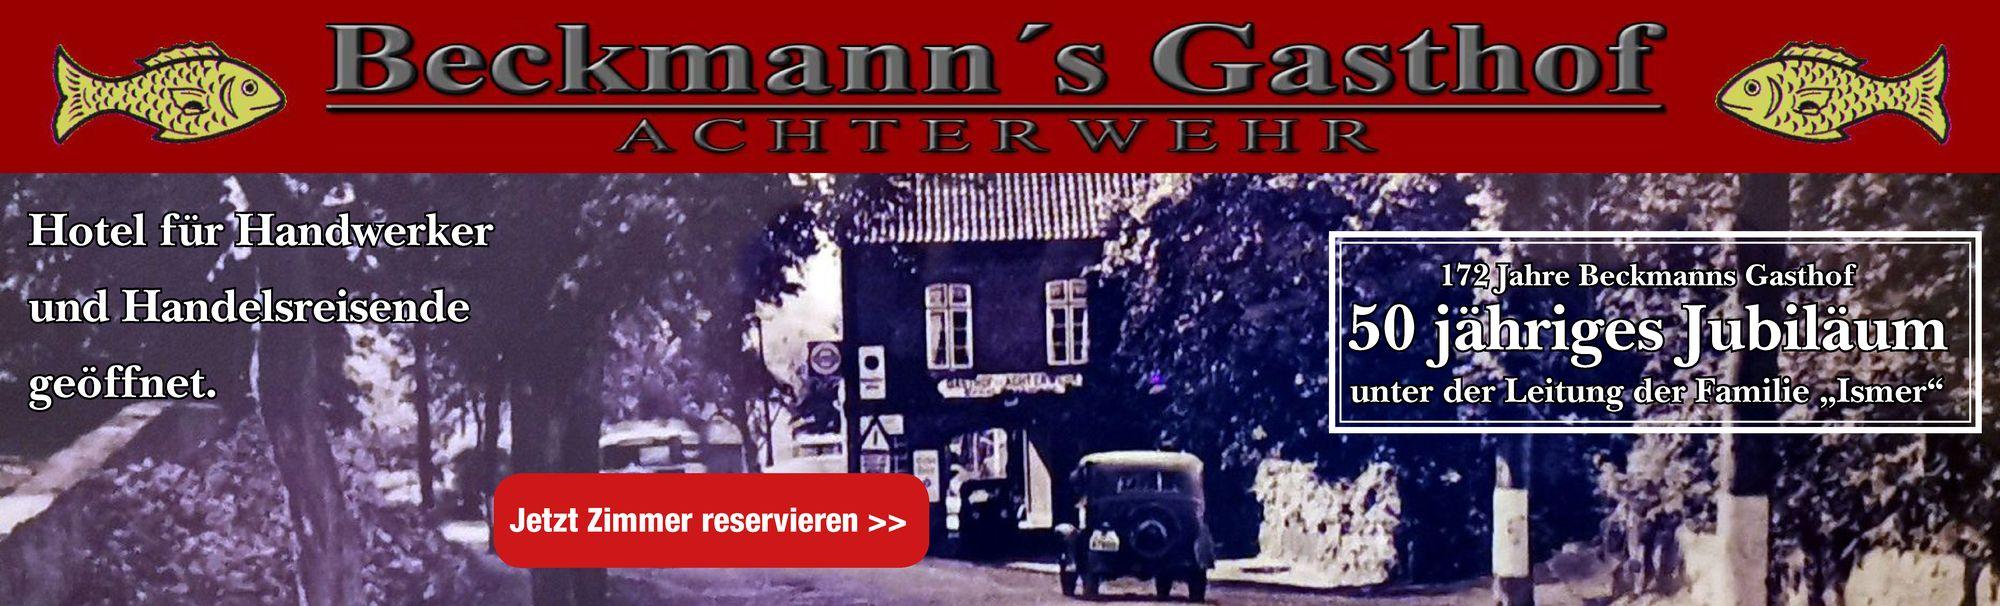 Beckmanns Gasthof